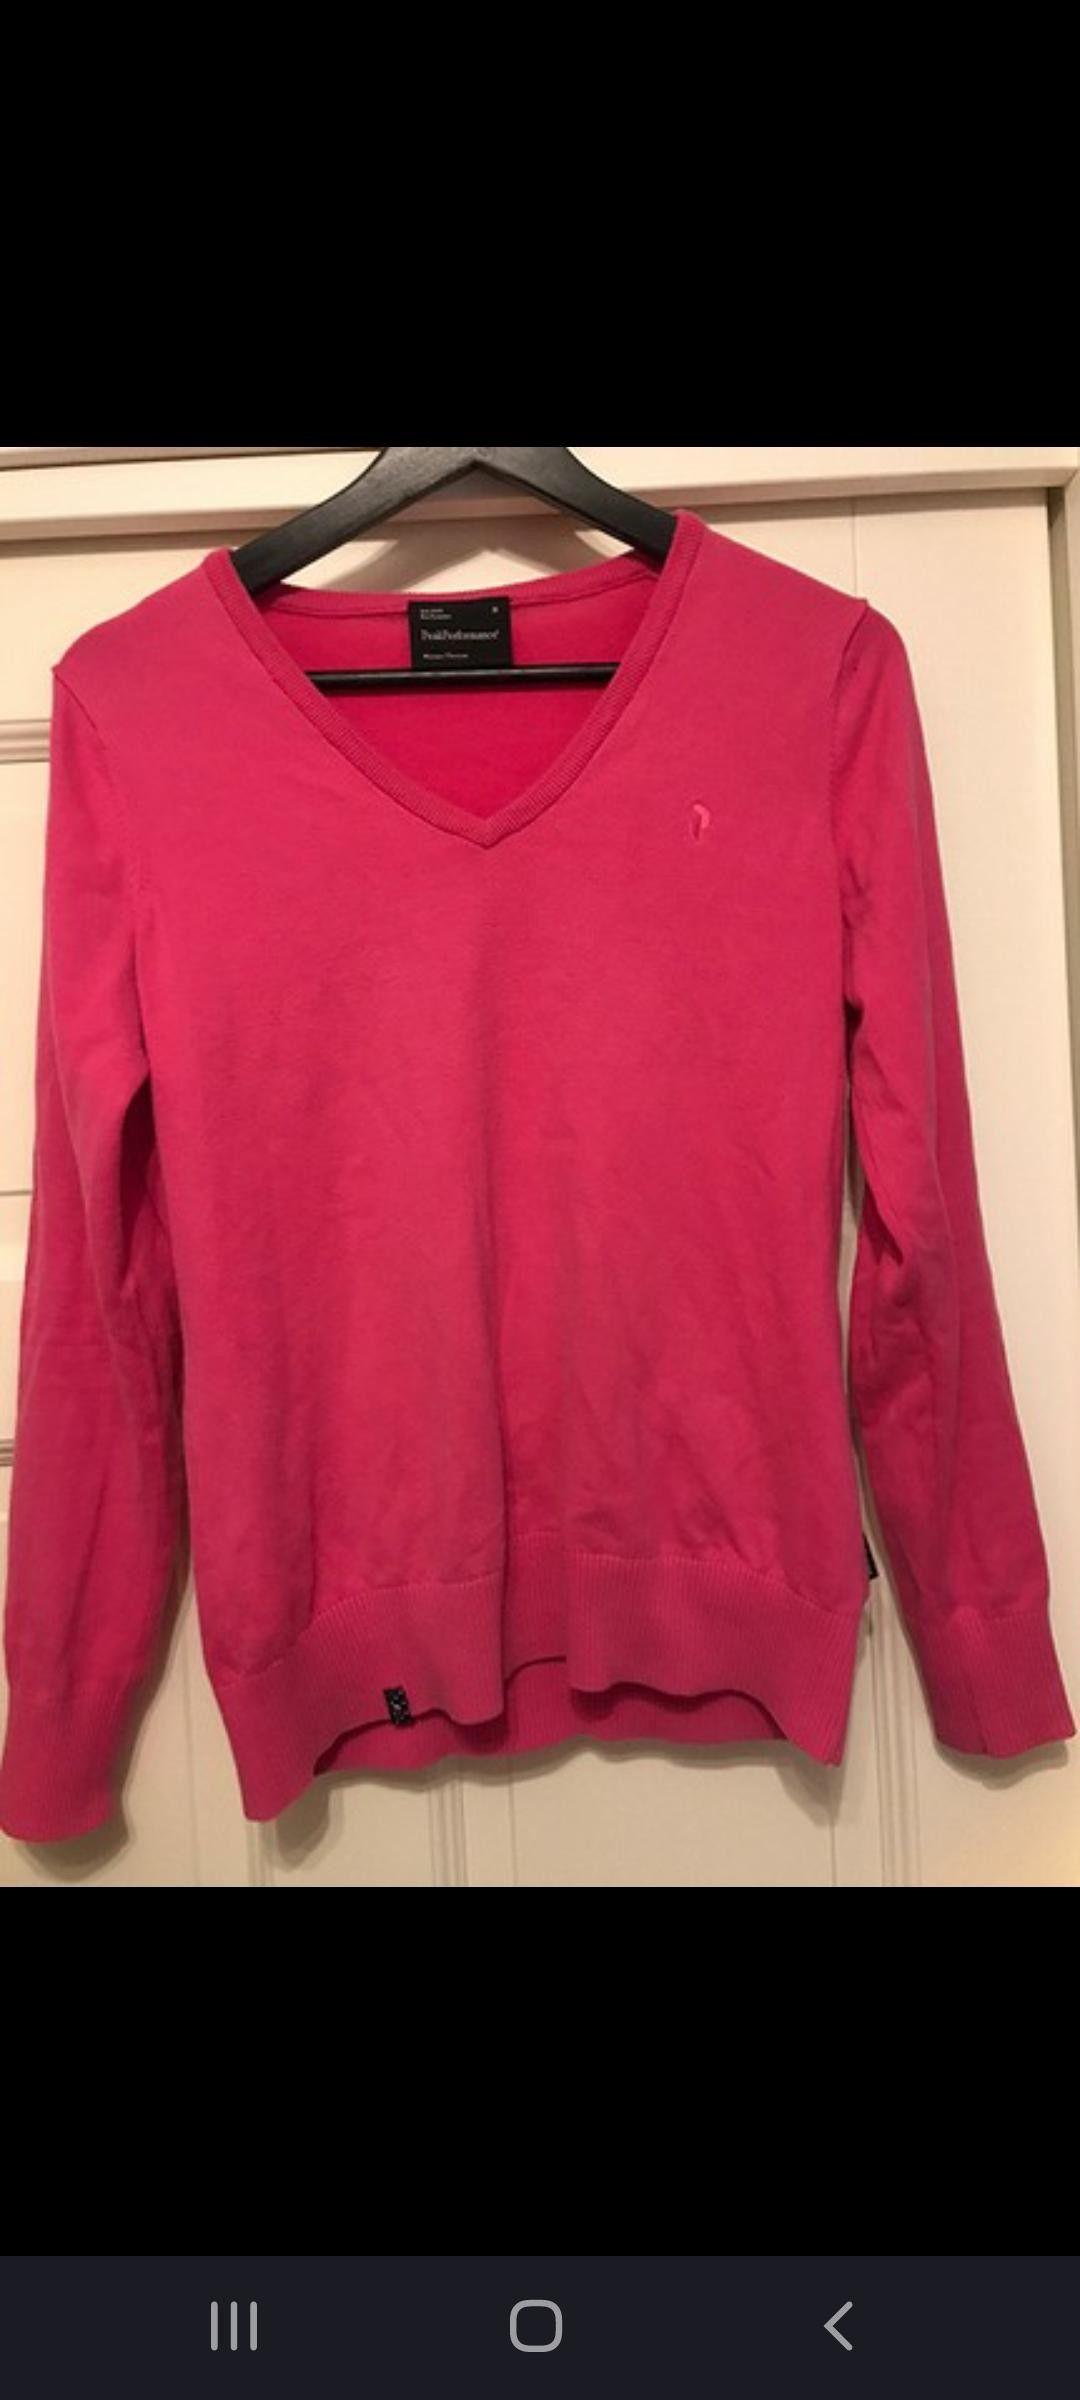 farge flekk på genser